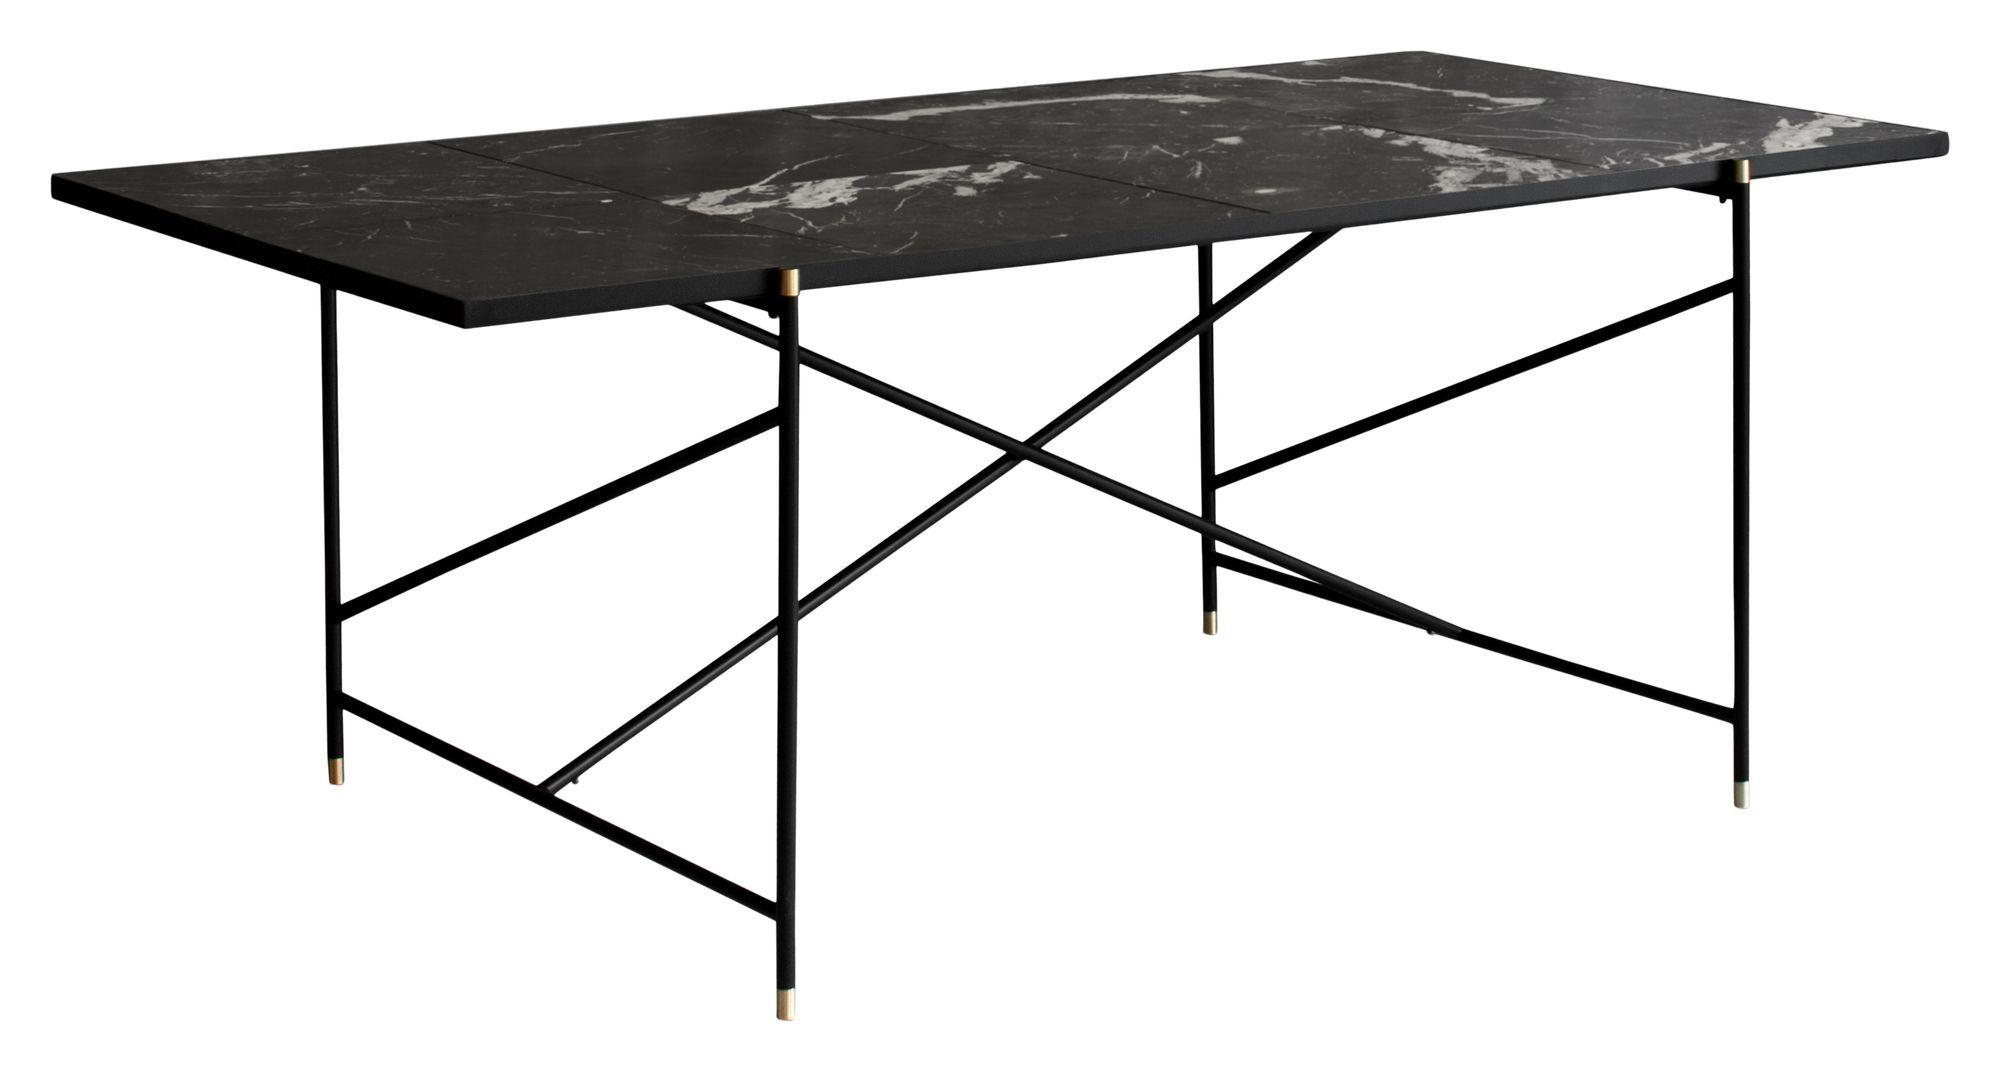 HANDVÄRK Spisebord 184x96 - Sort Marmor, messing - Sort spisebord med messing